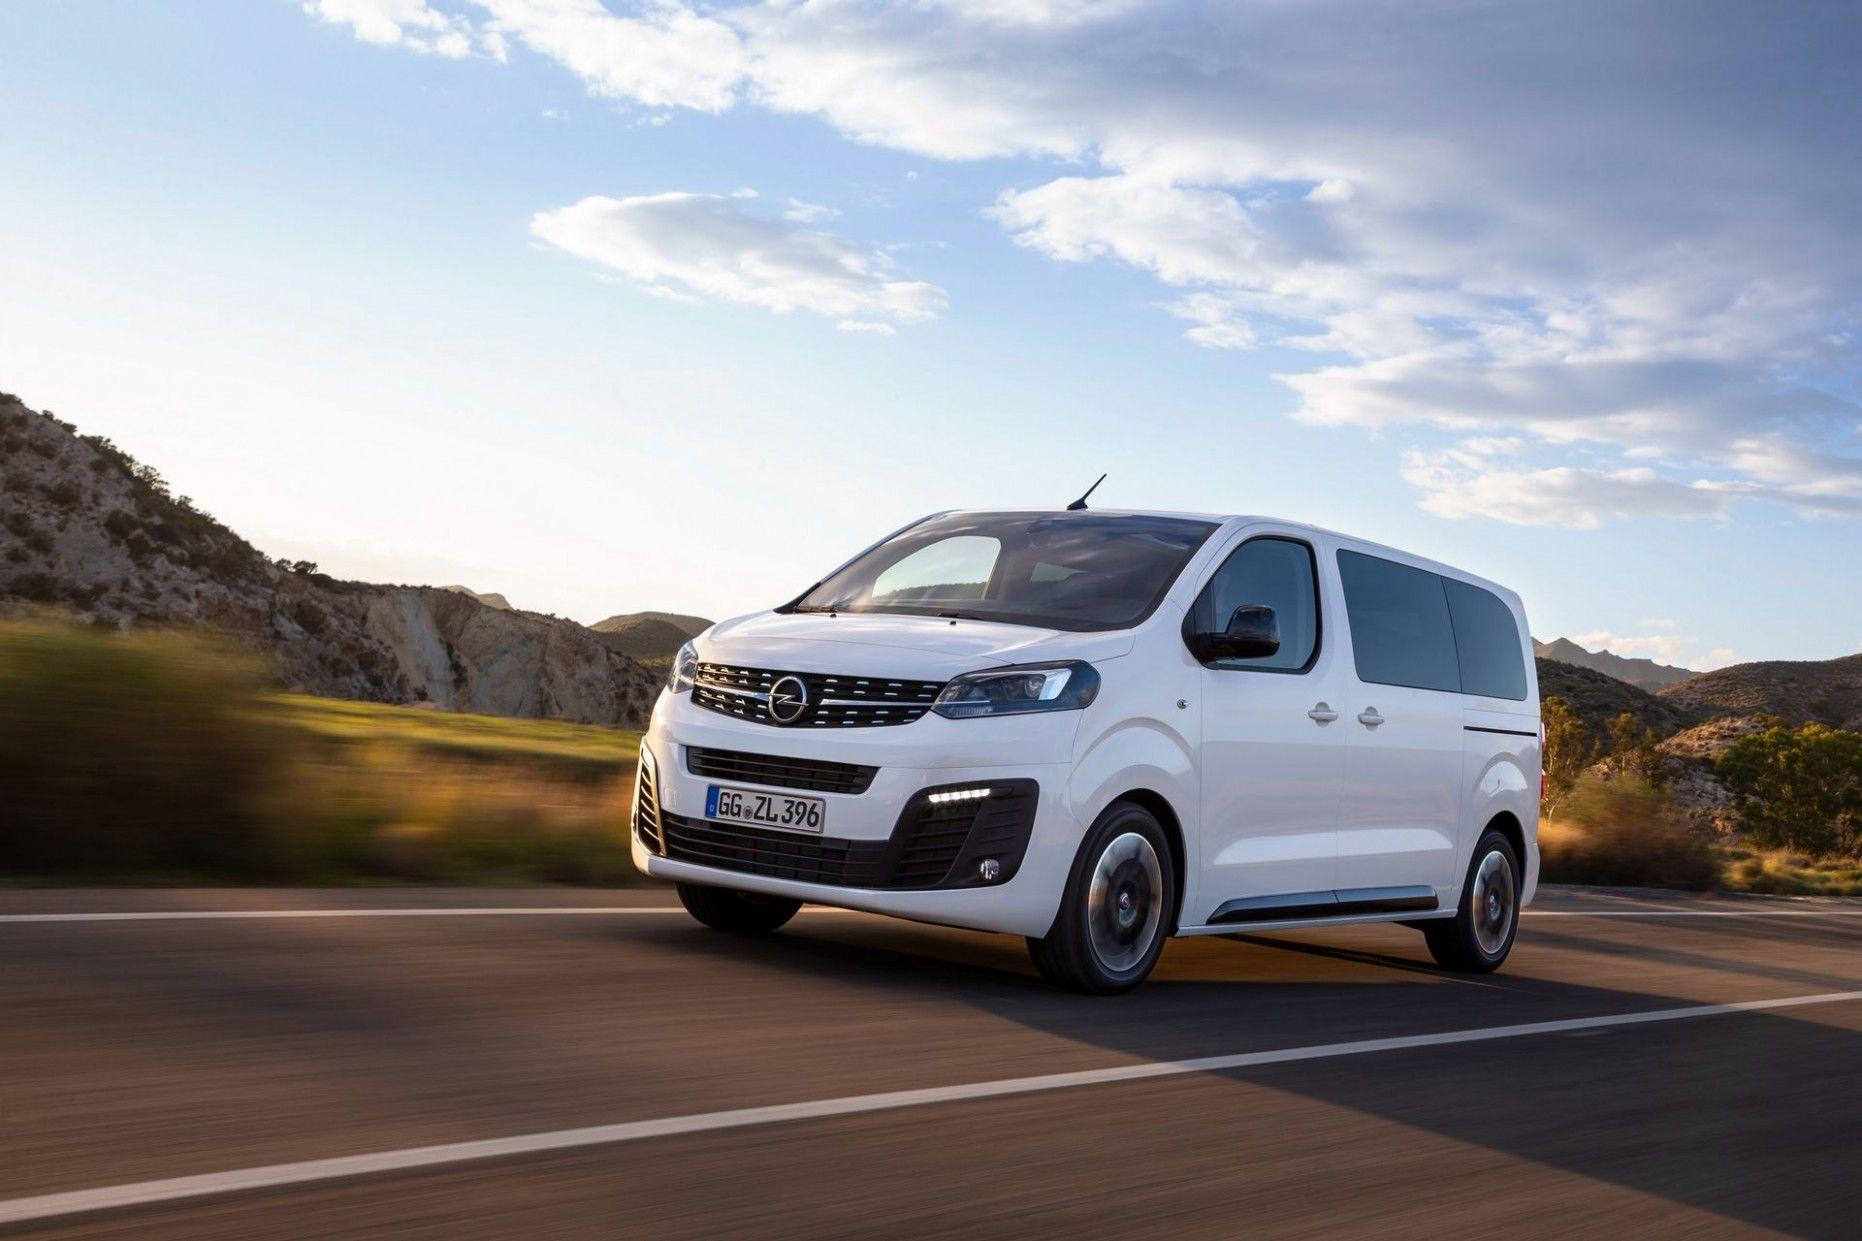 2020 Opel Vivaro Pictures